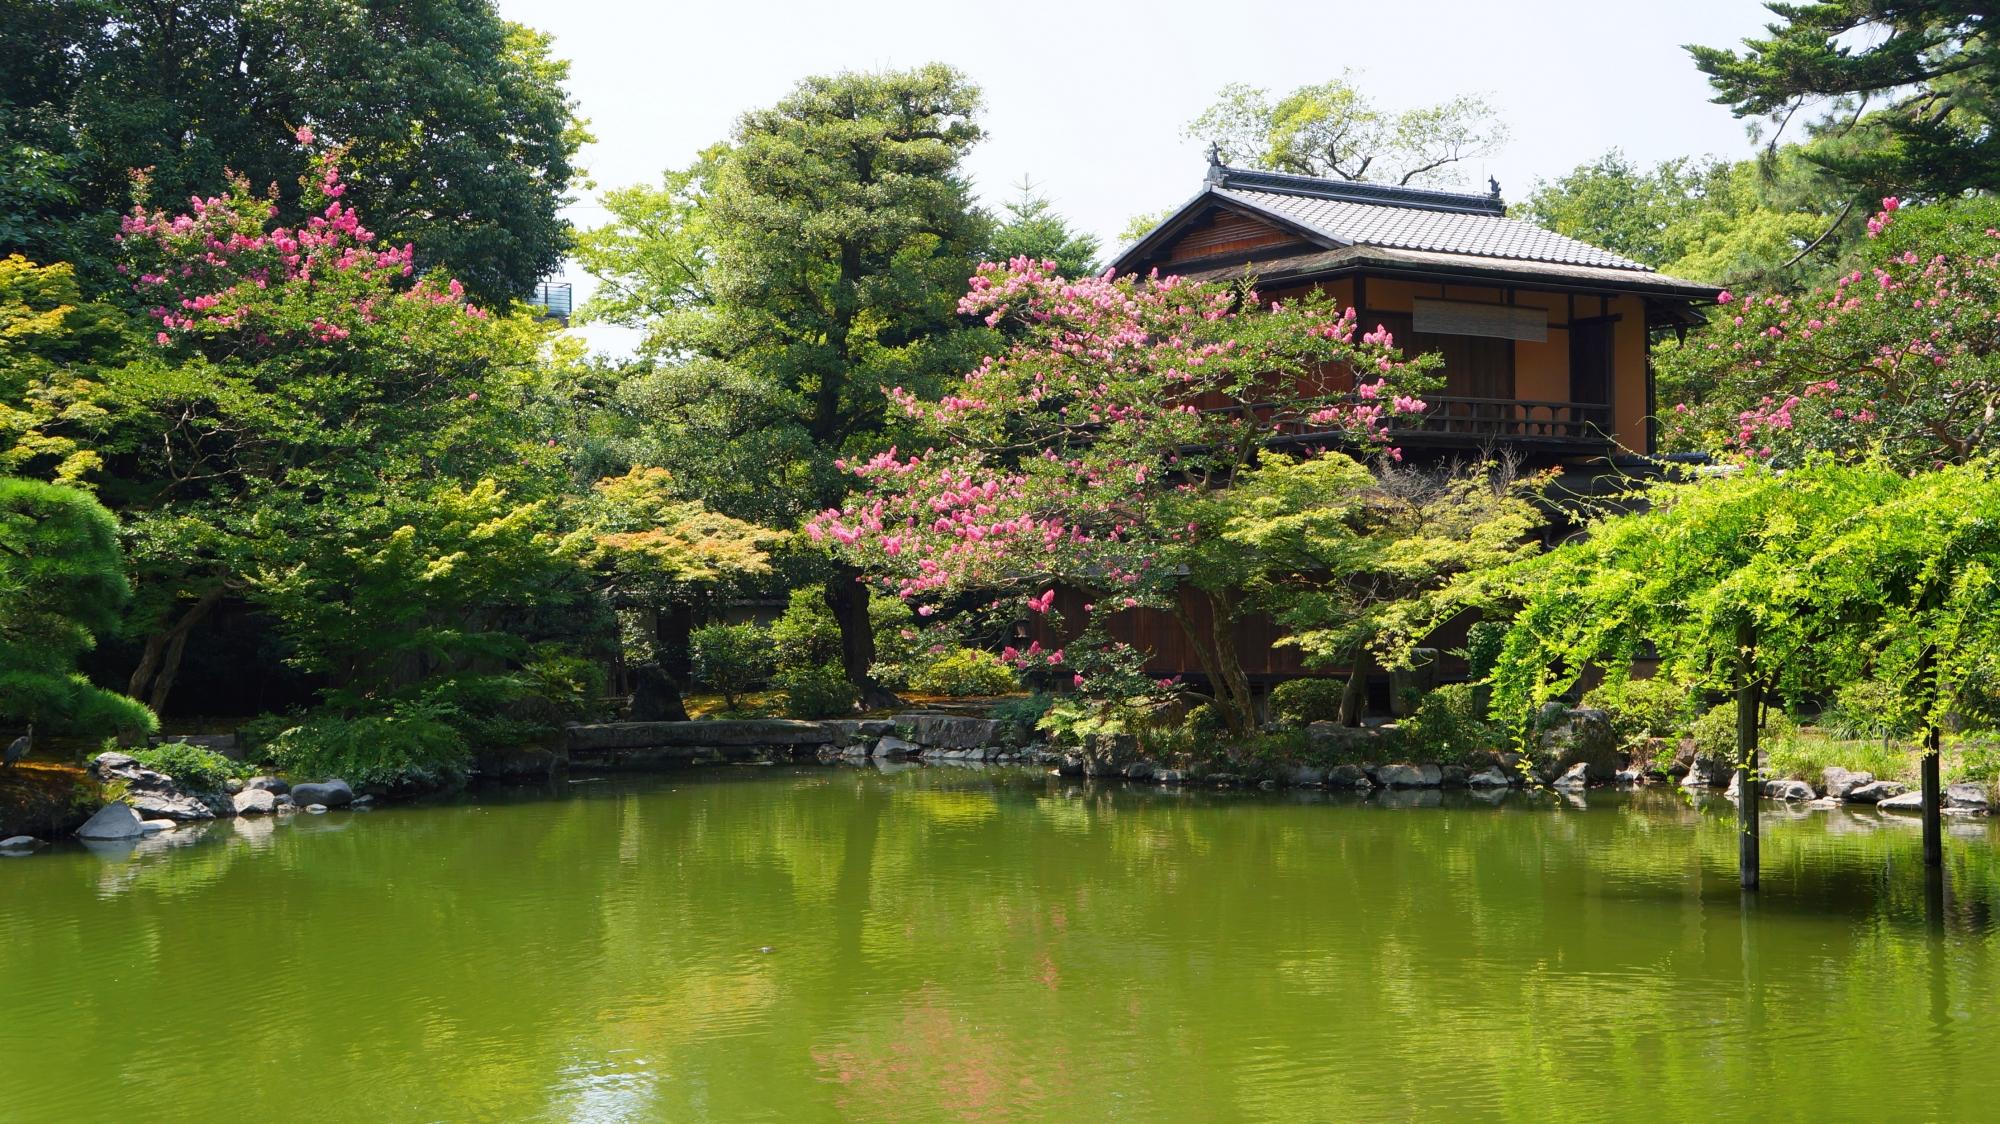 京都御苑の風情ある夏の九條池と拾翠亭(しゅうすいてい)